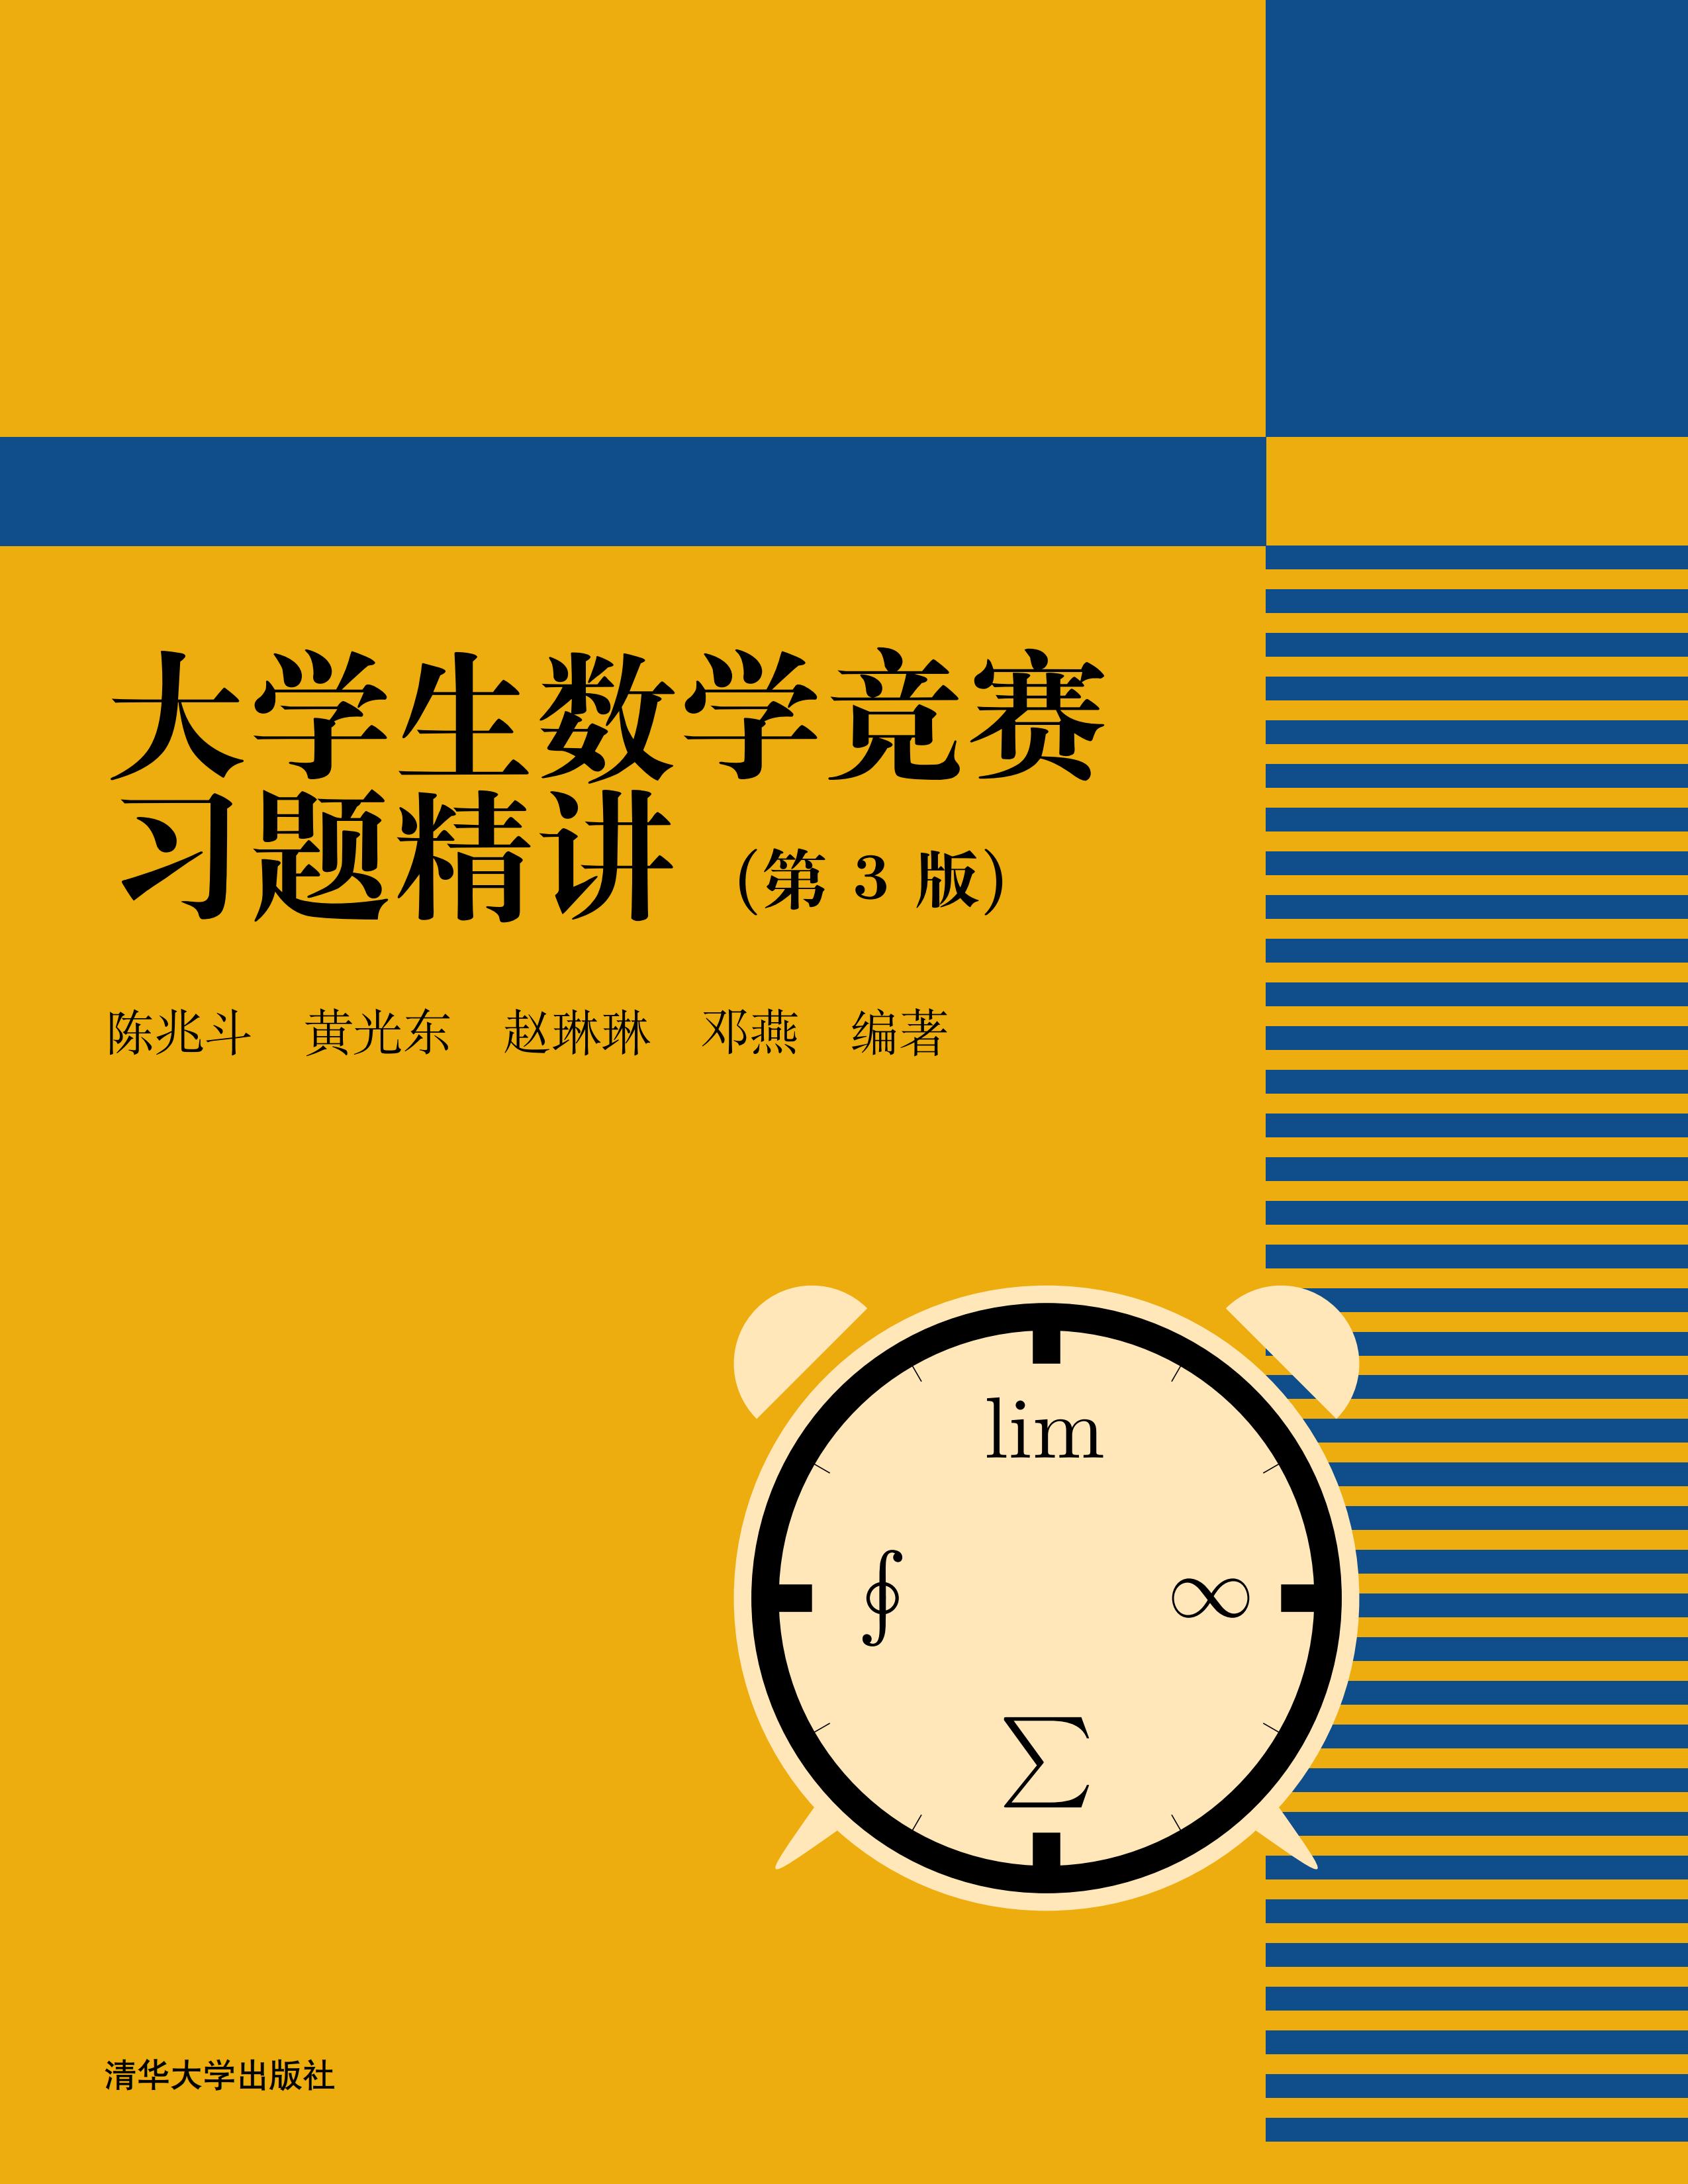 大学生数学竞赛封面绘制(更新)